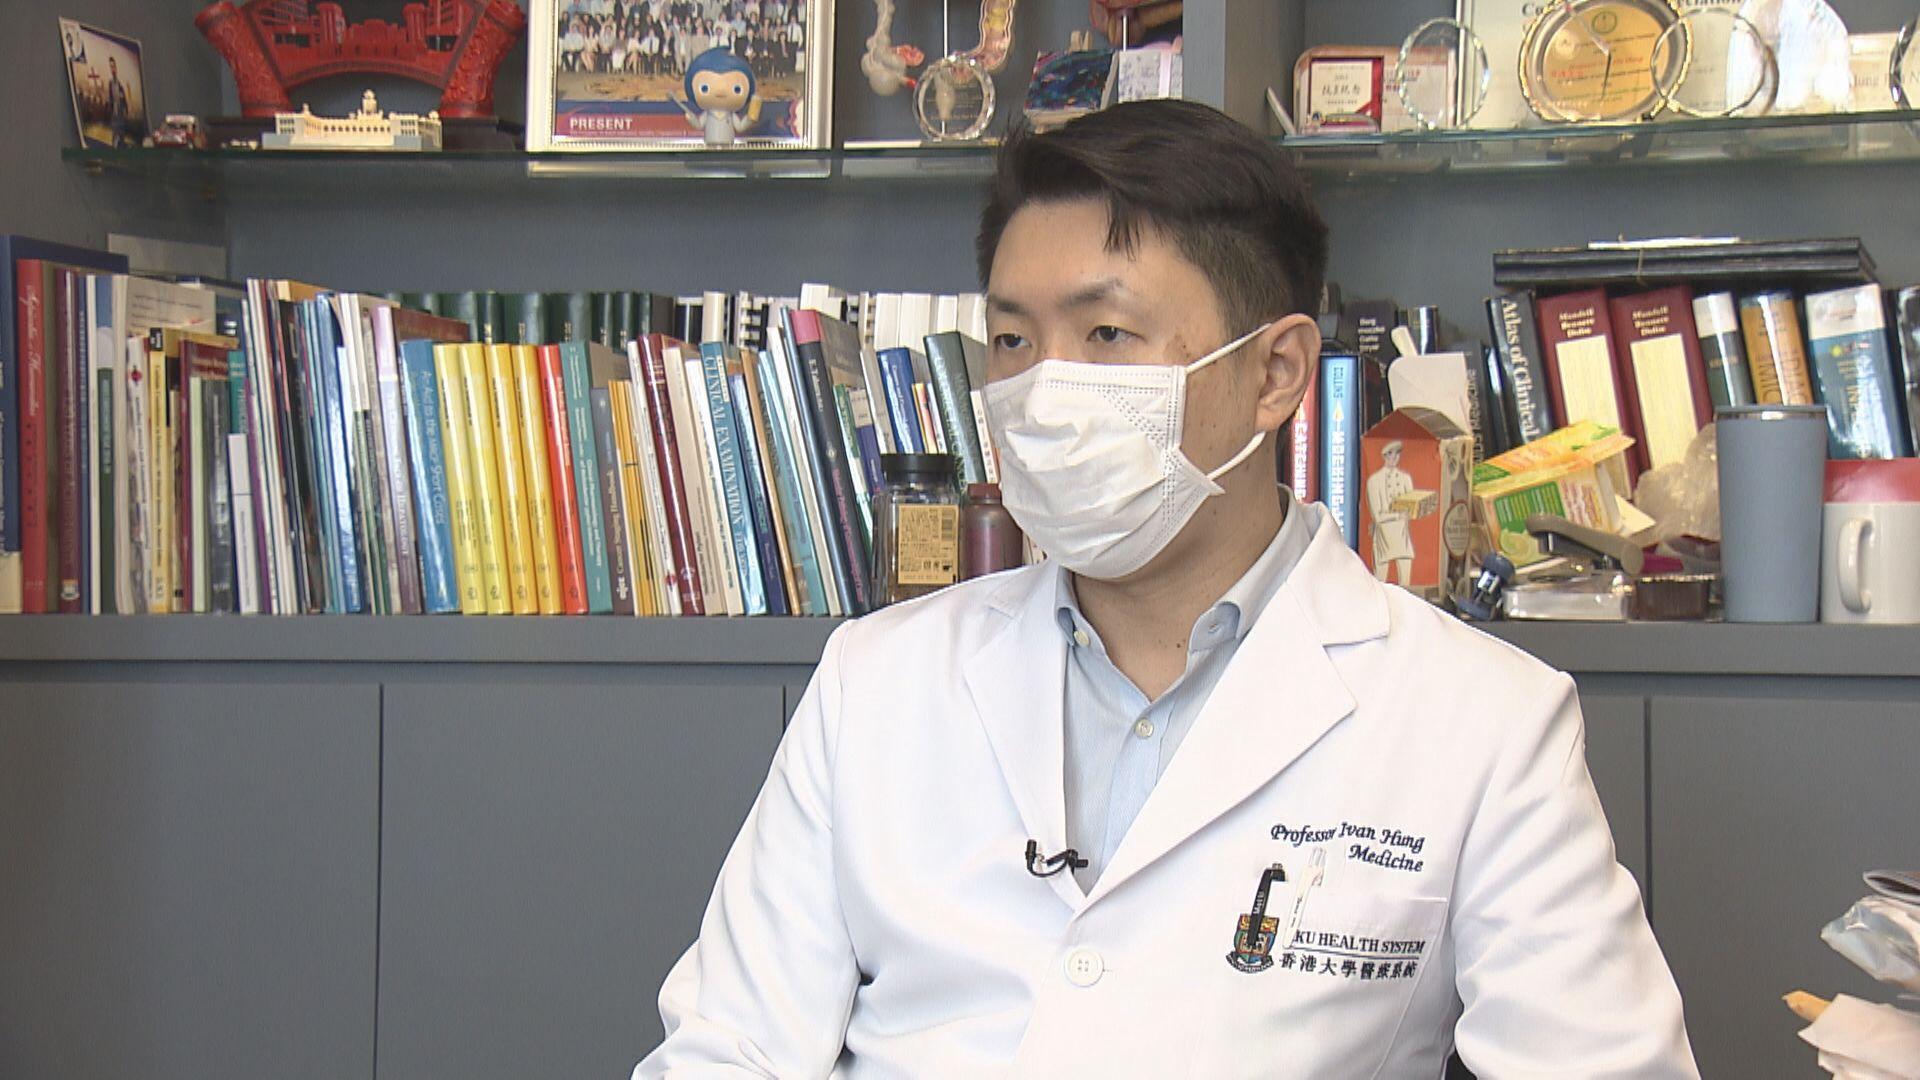 孔繁毅:理解公眾對新疫苗有疑慮但要與時間競賽